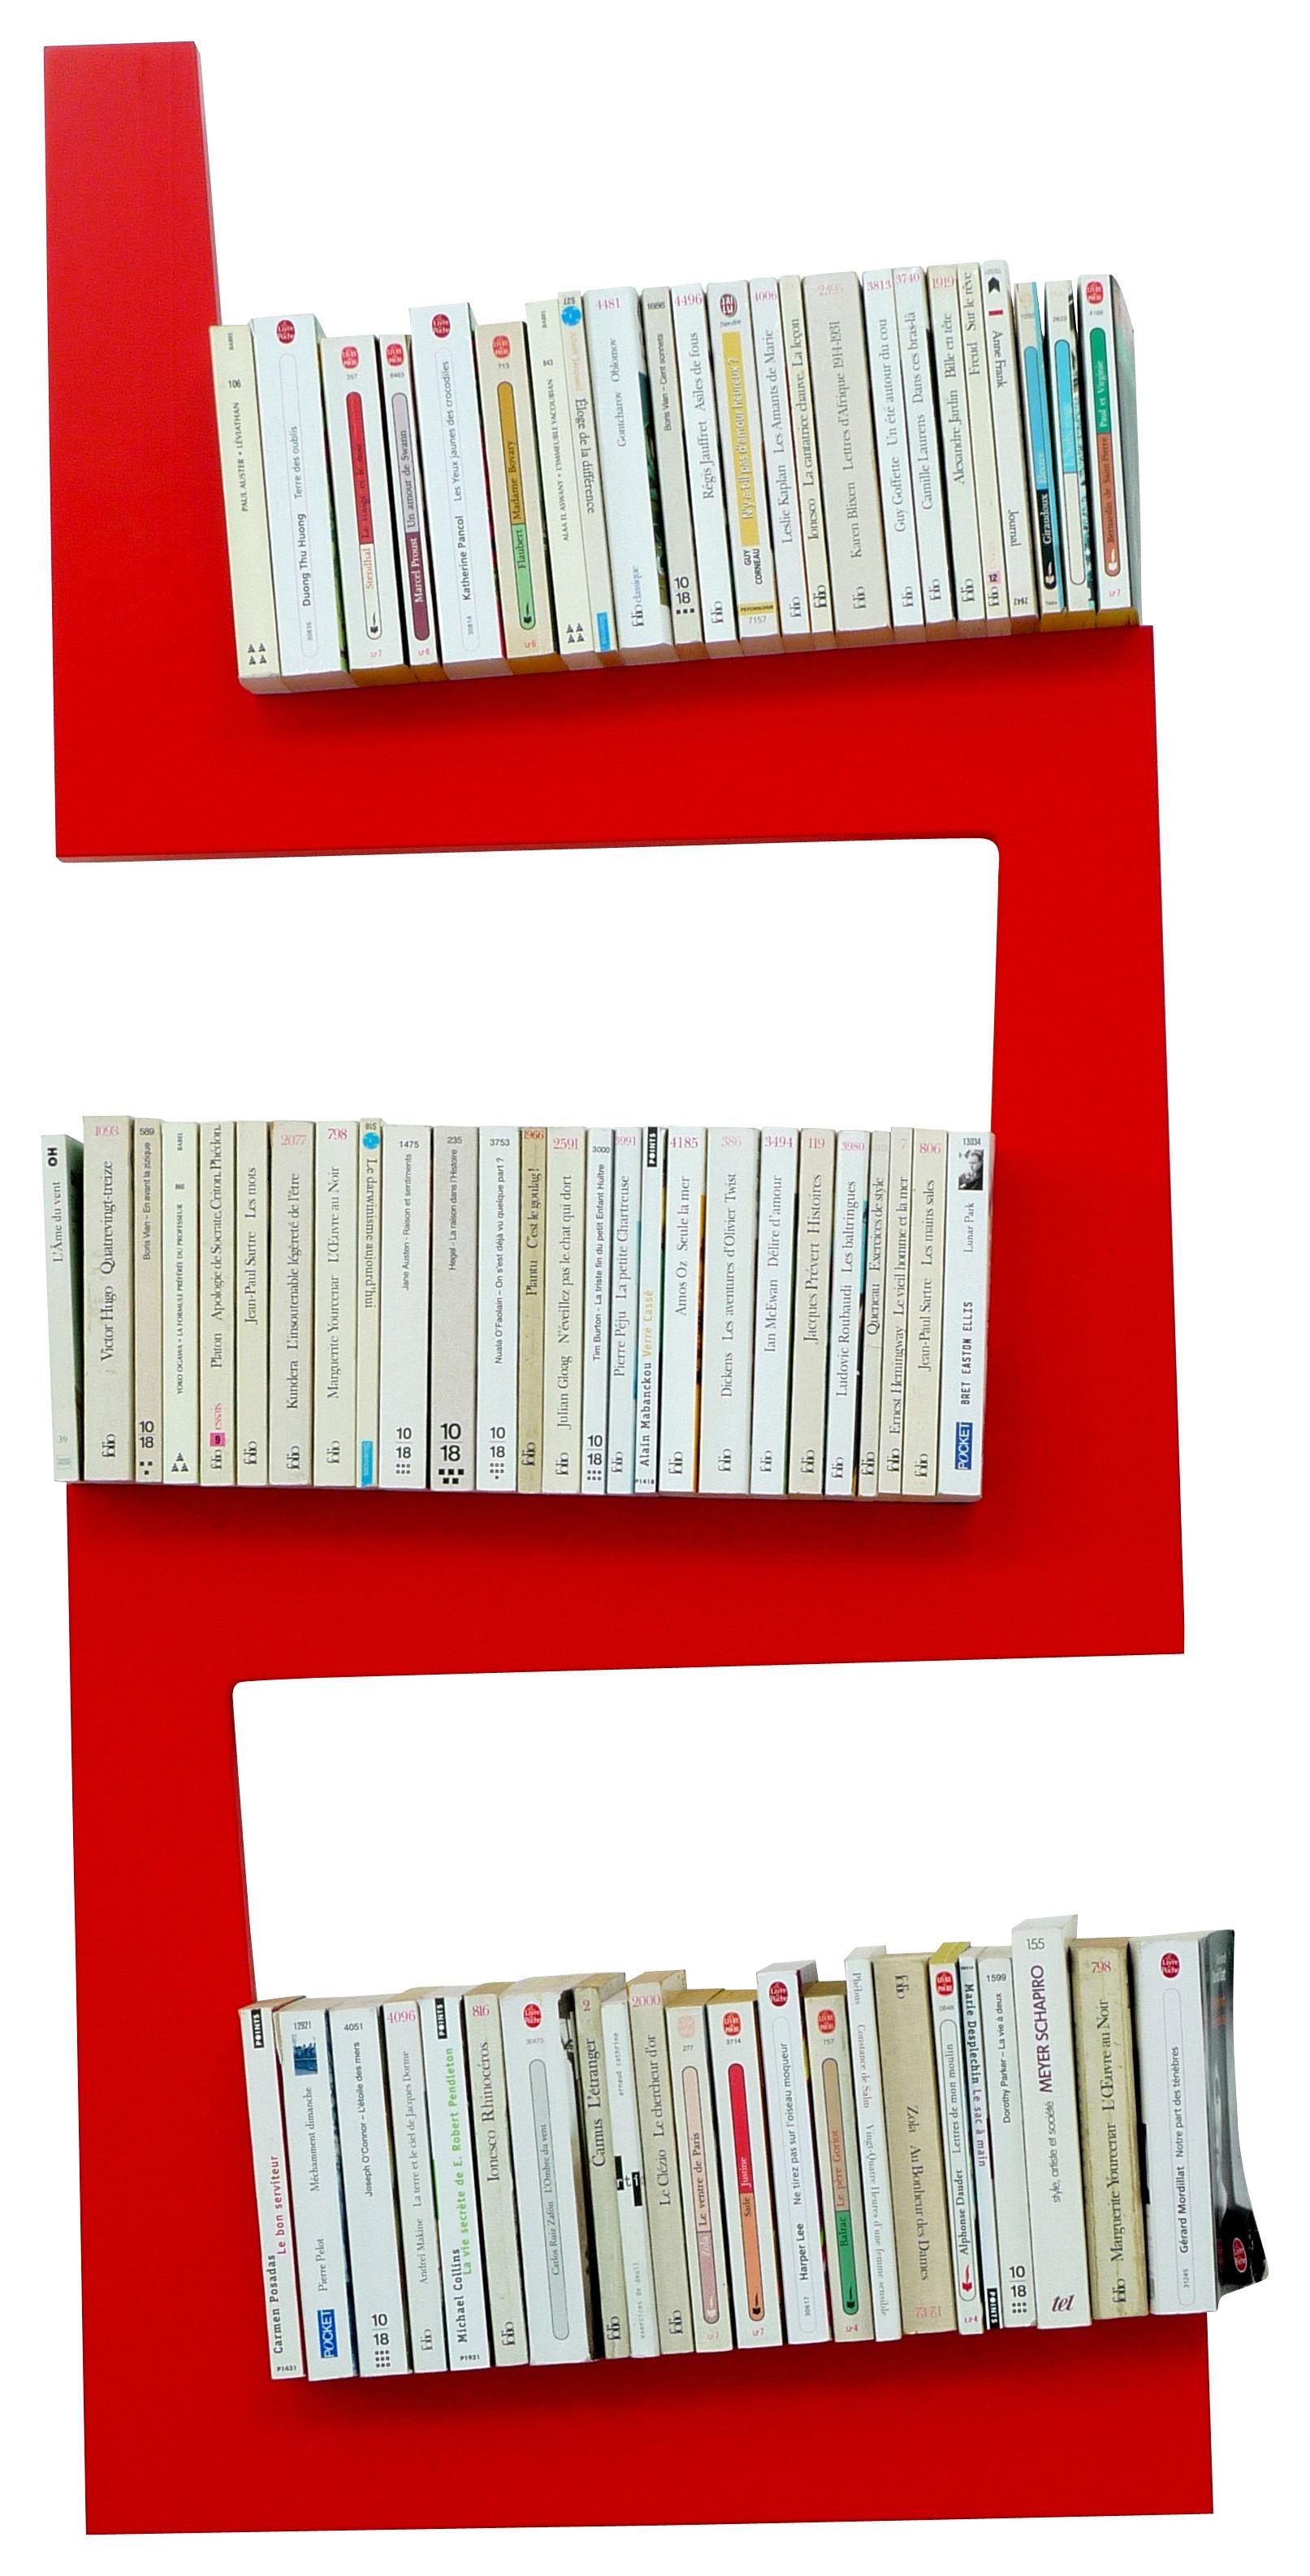 Mobilier - Etagères & bibliothèques - Etagère OneSnake - La Corbeille - Rouge - MDF laqué